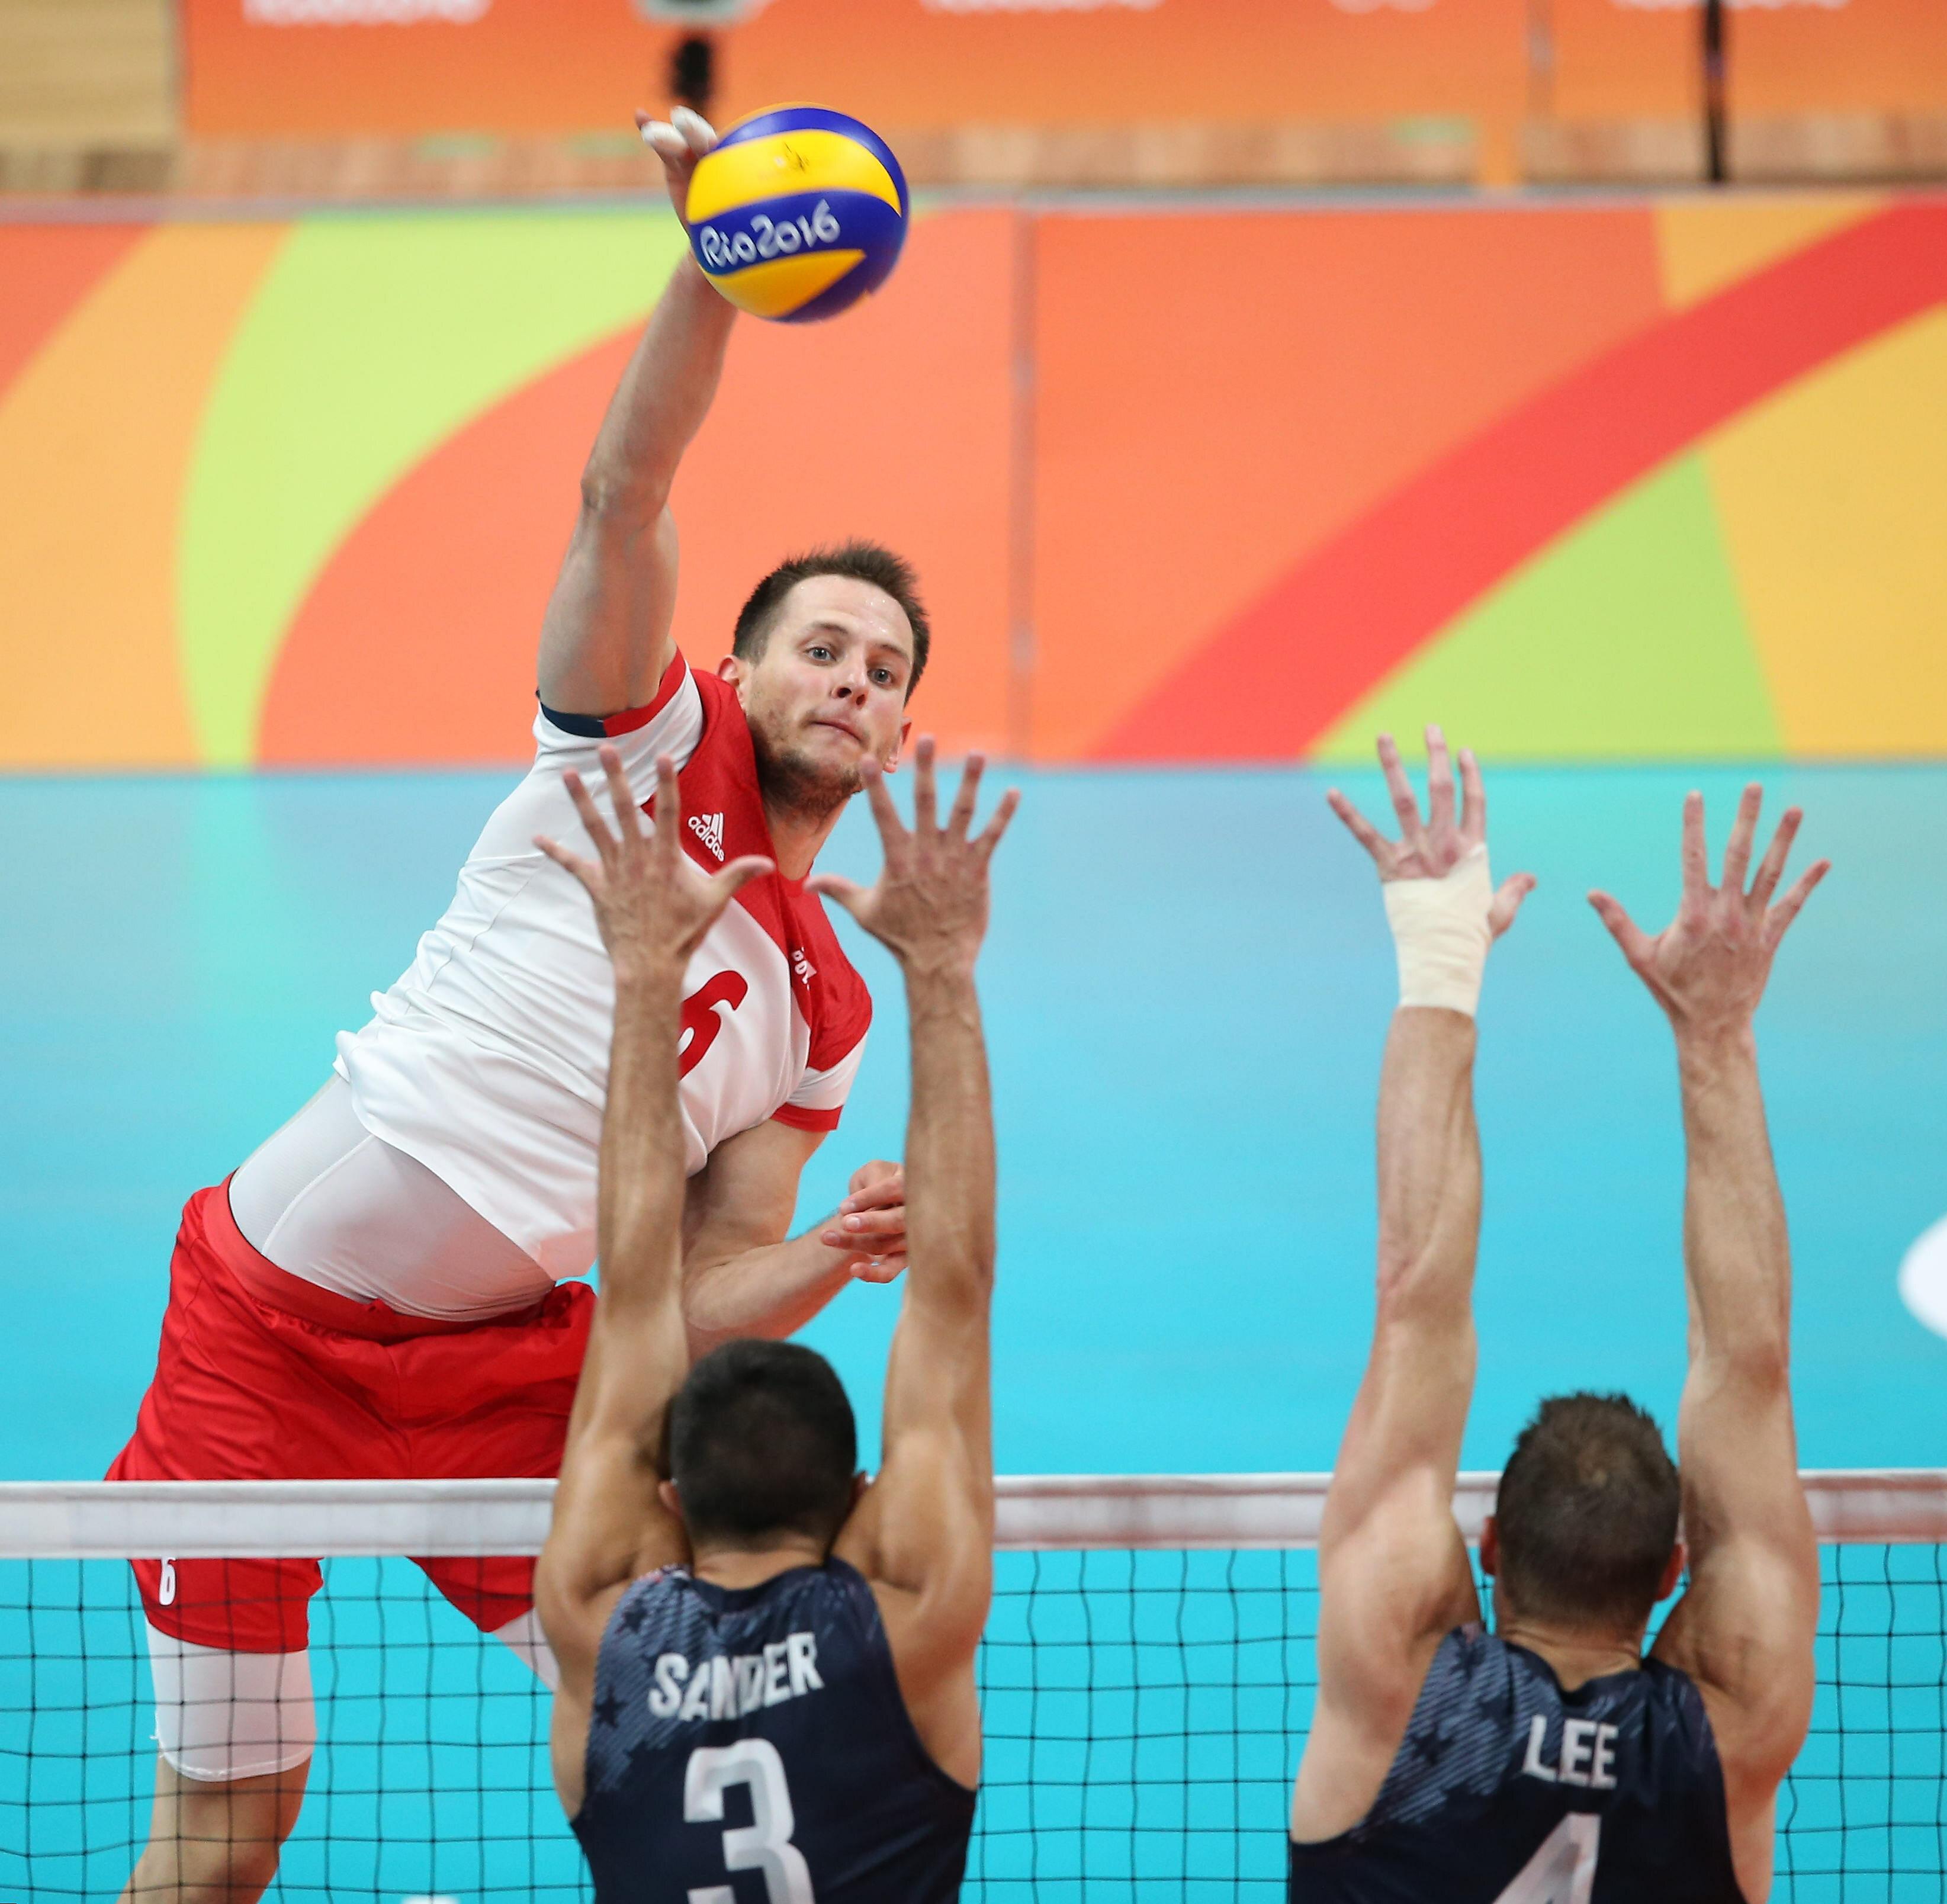 Bartosz kurek was born in wałbrzych, but raised in nysa, poland. Polscy siatkarze przegrali w ćwierćfinale 3:0 z USA